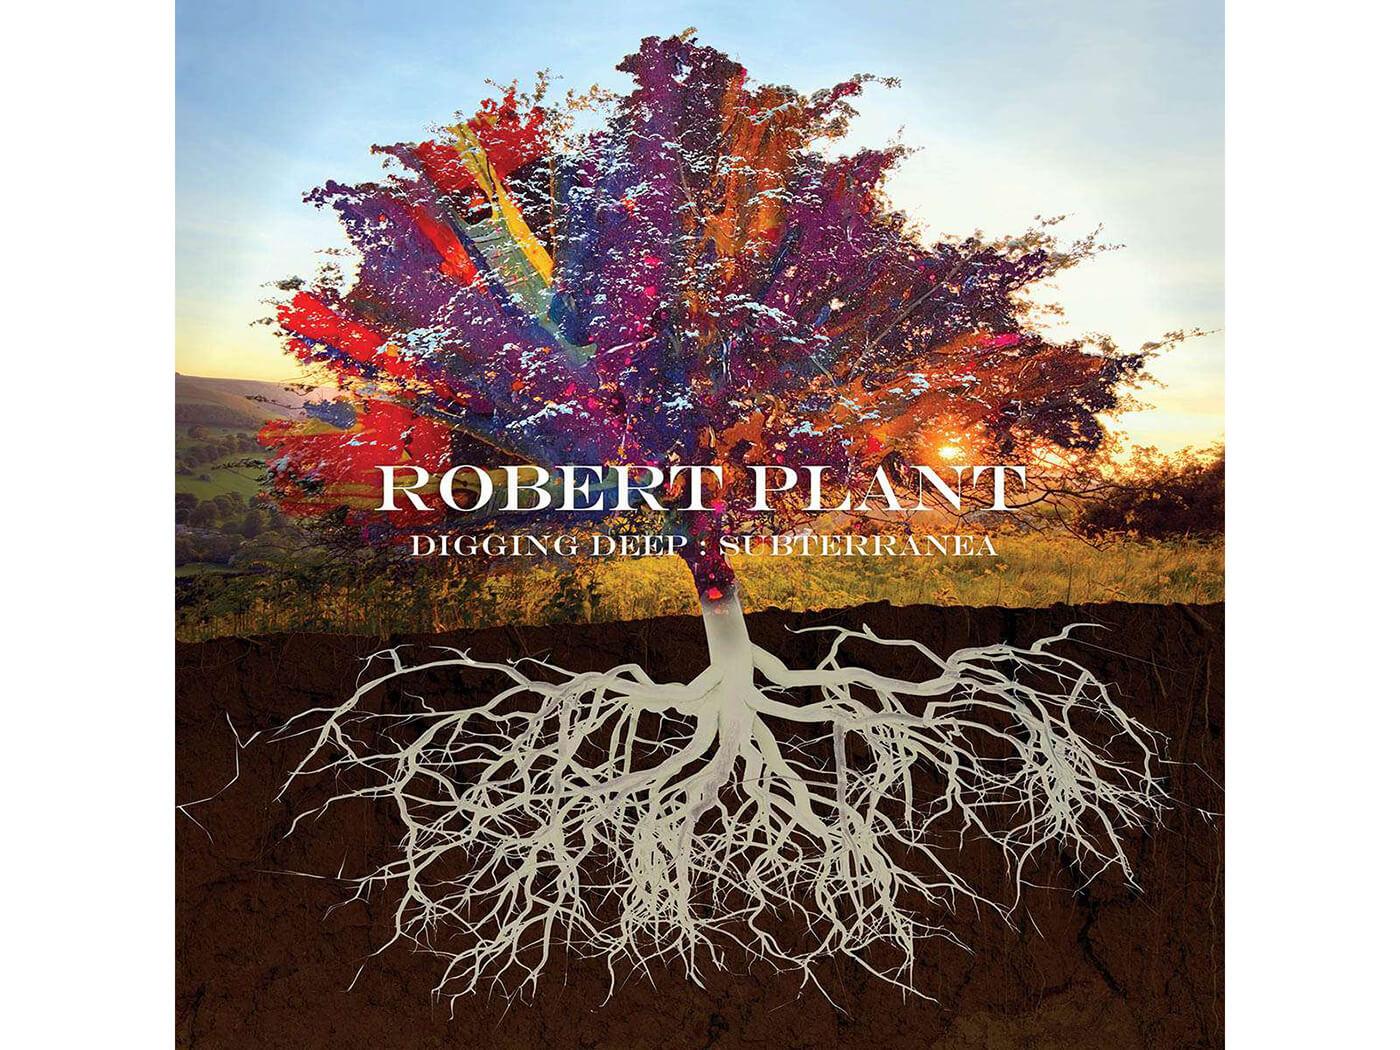 Robert Plant announces solo anthology, Digging Deep: Subterranea